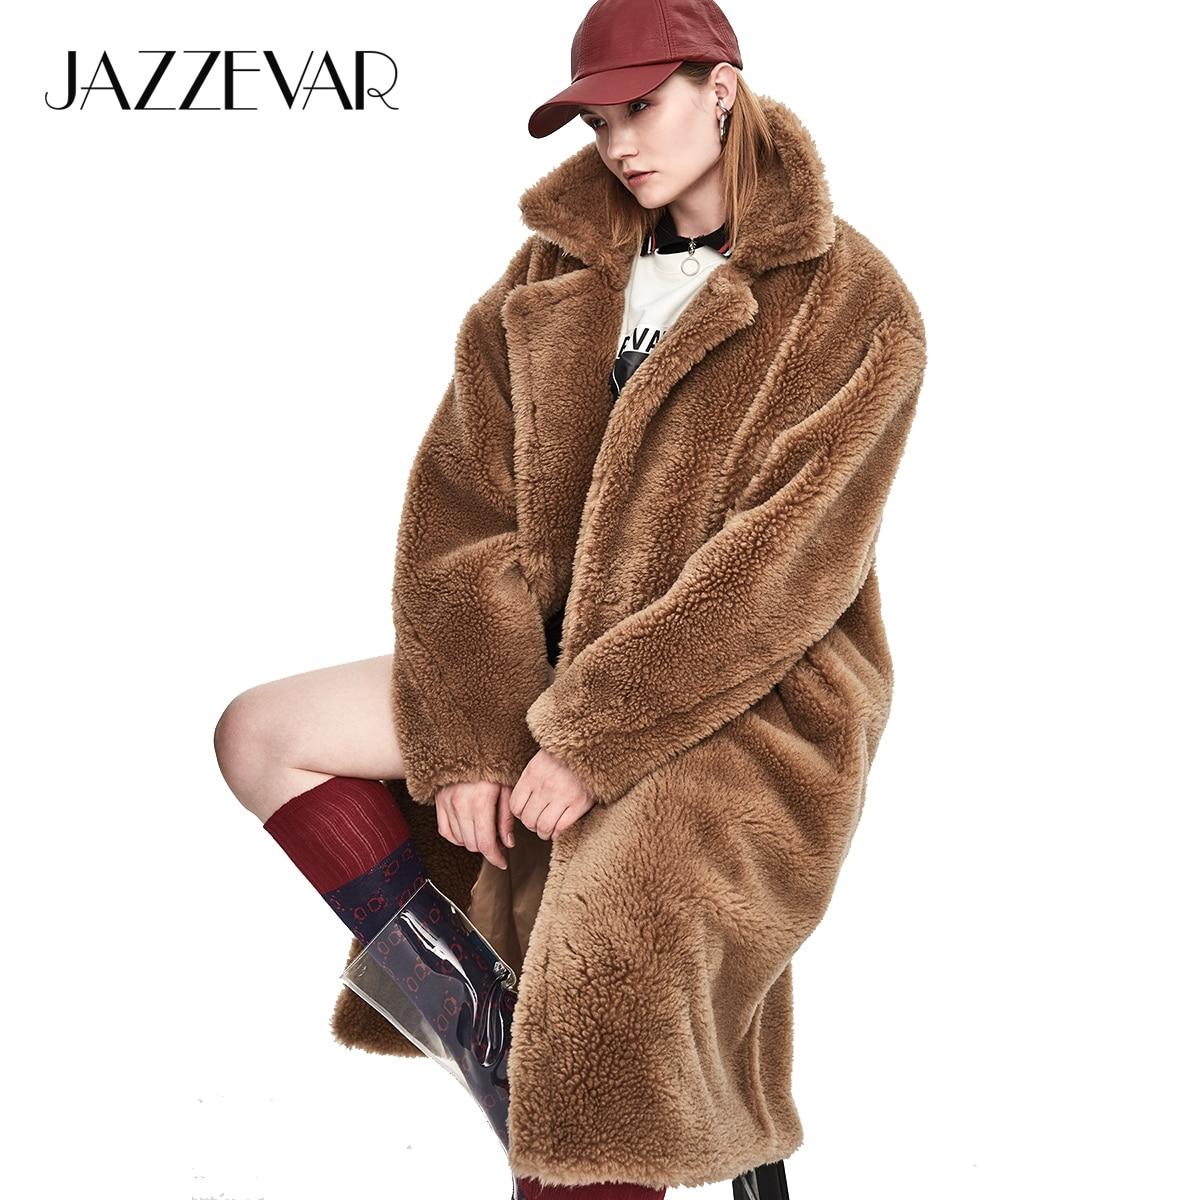 JAZZEVAR 2019 Winter Neue Mode Frauen Teddybär Icon Mantel X-Lange Echt Schafe Pelz Übergroßen Parka Dicke Warme oberbekleidung J8003